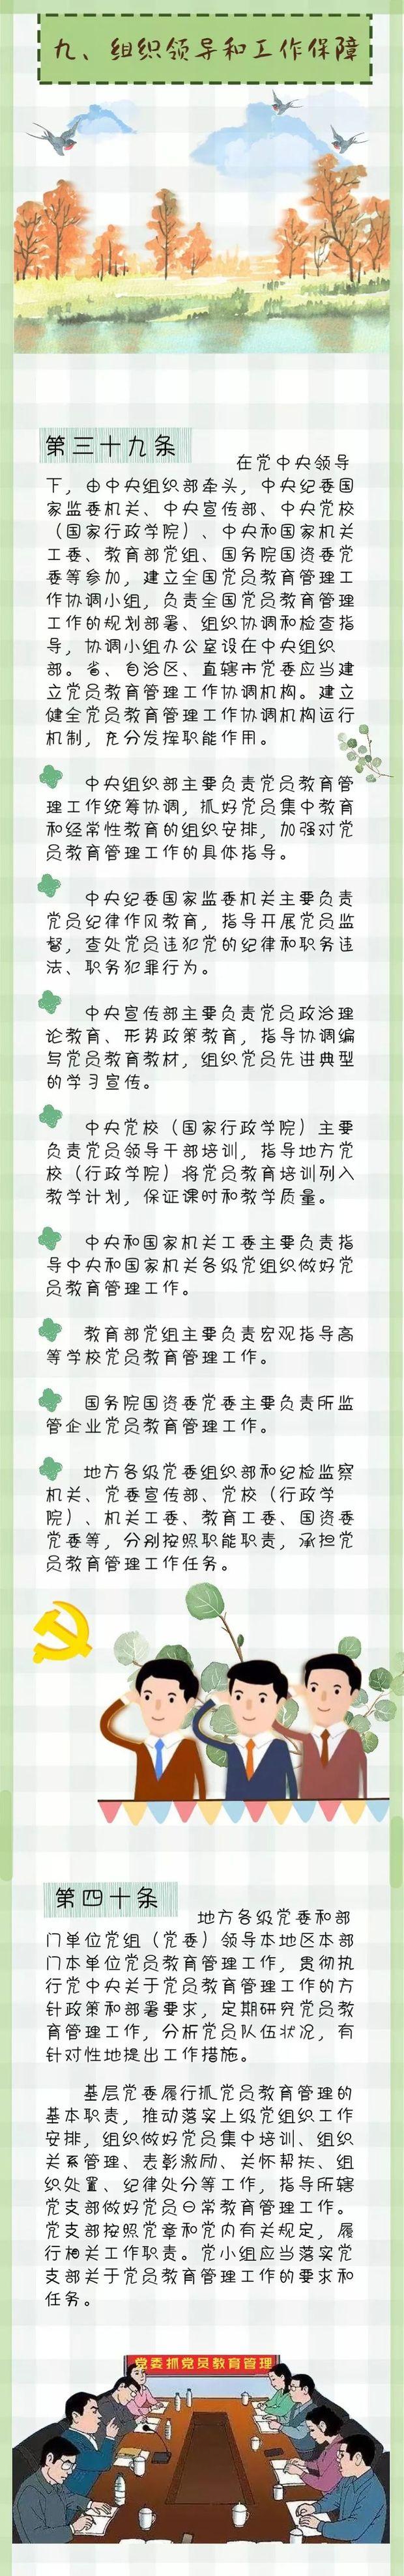 图说中国共产党党员教育管理工作条例(下)